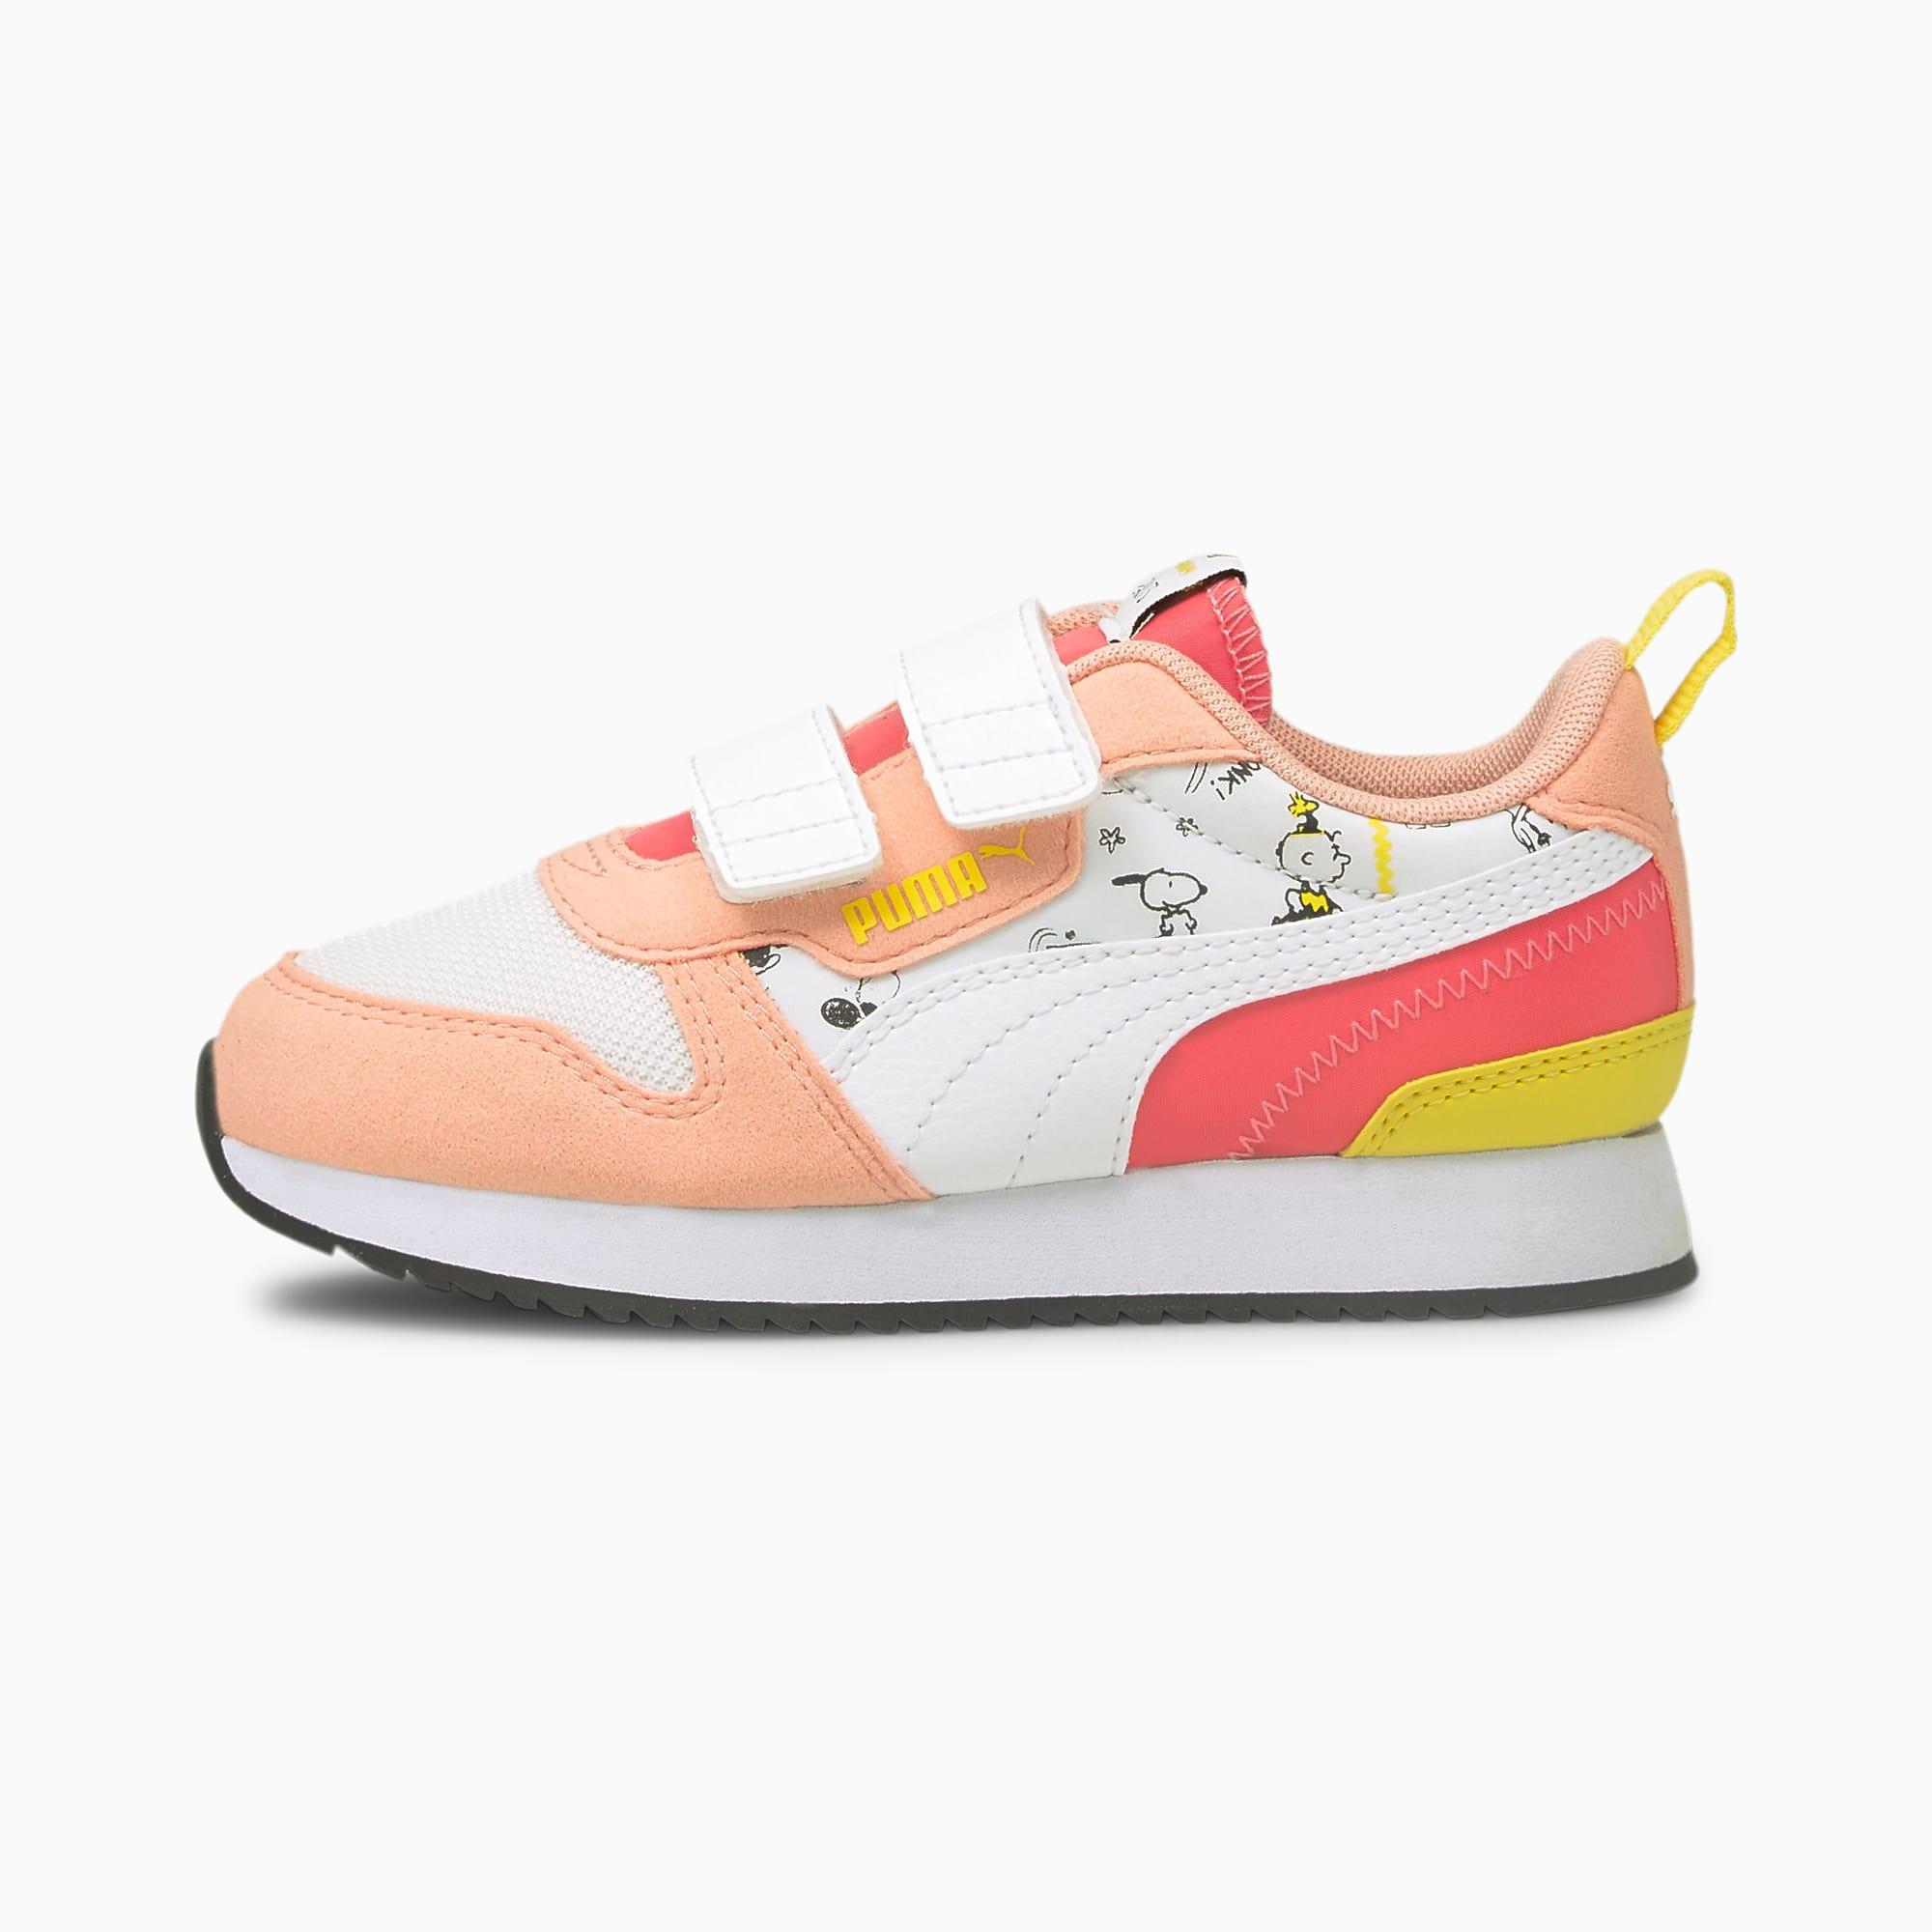 PUMA x PEANUTS R78 Little Kids' Shoes